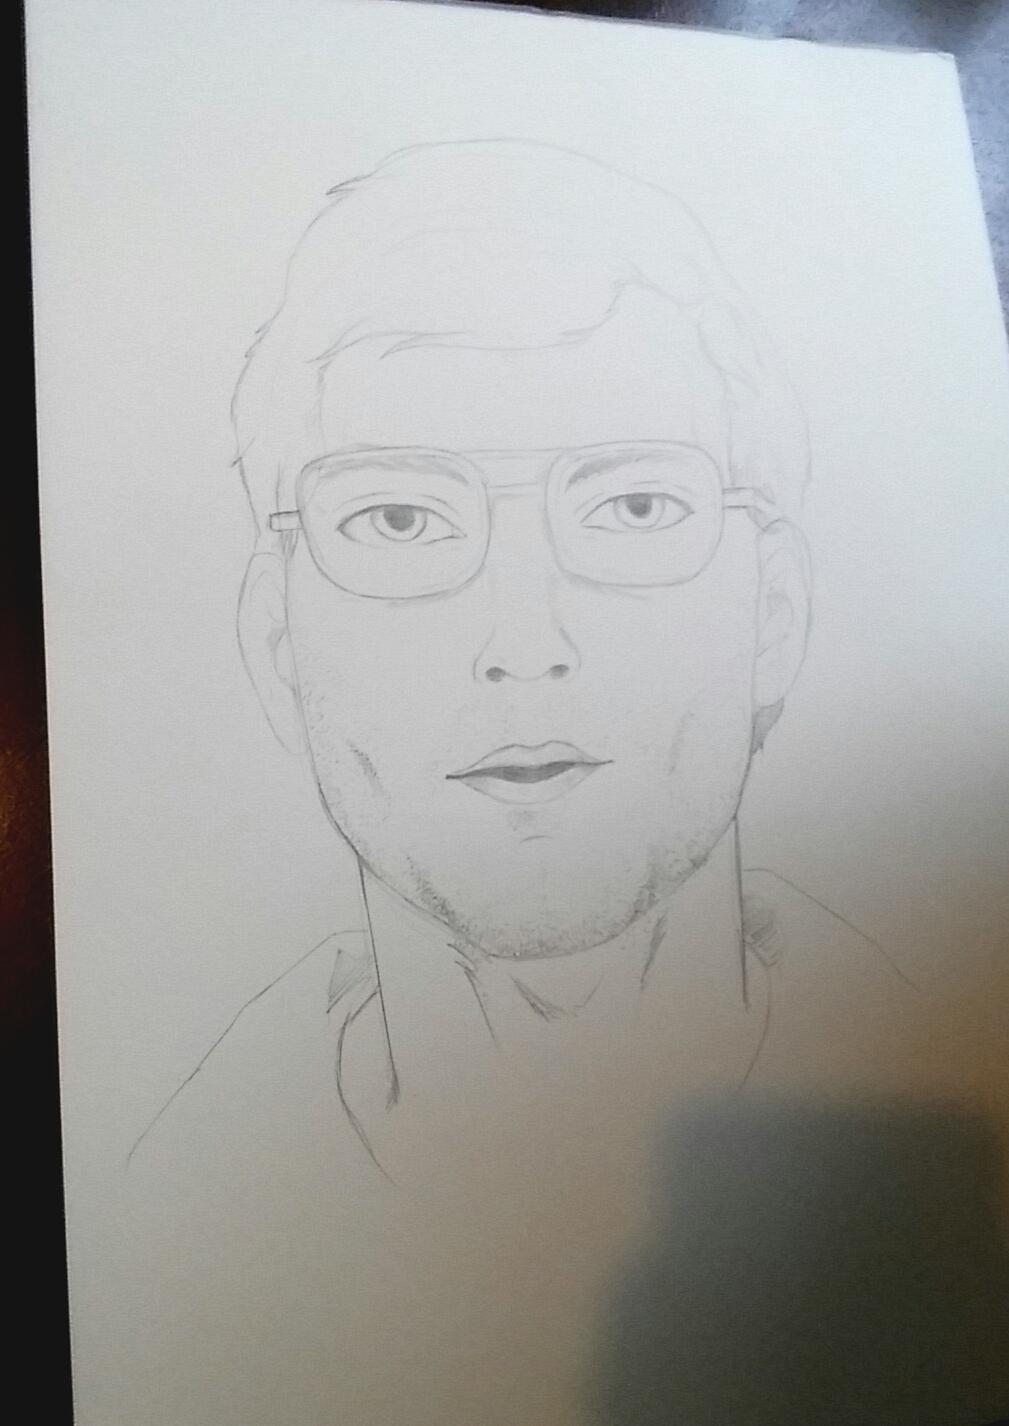 Another jeffrey dahmer portrait